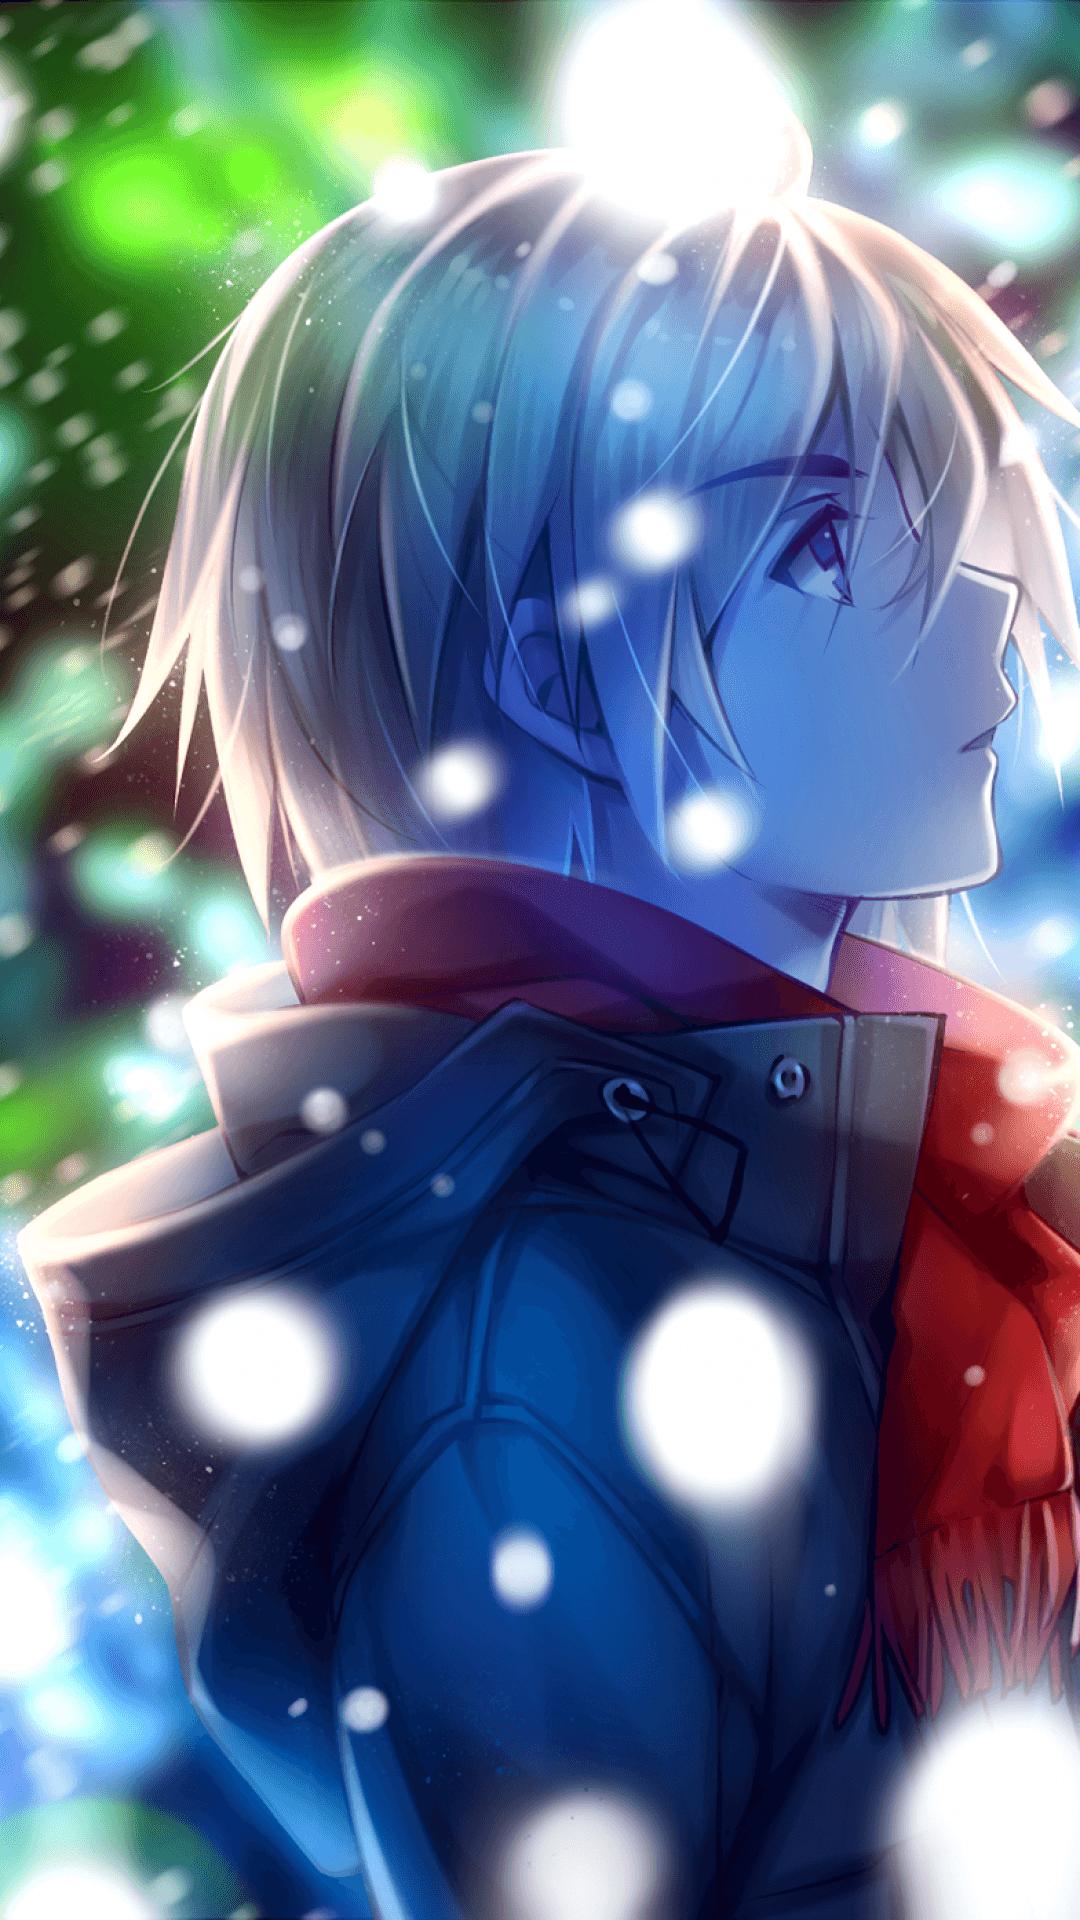 Tải xuống Hình nền Anime Boy Dễ thương 1080x1920